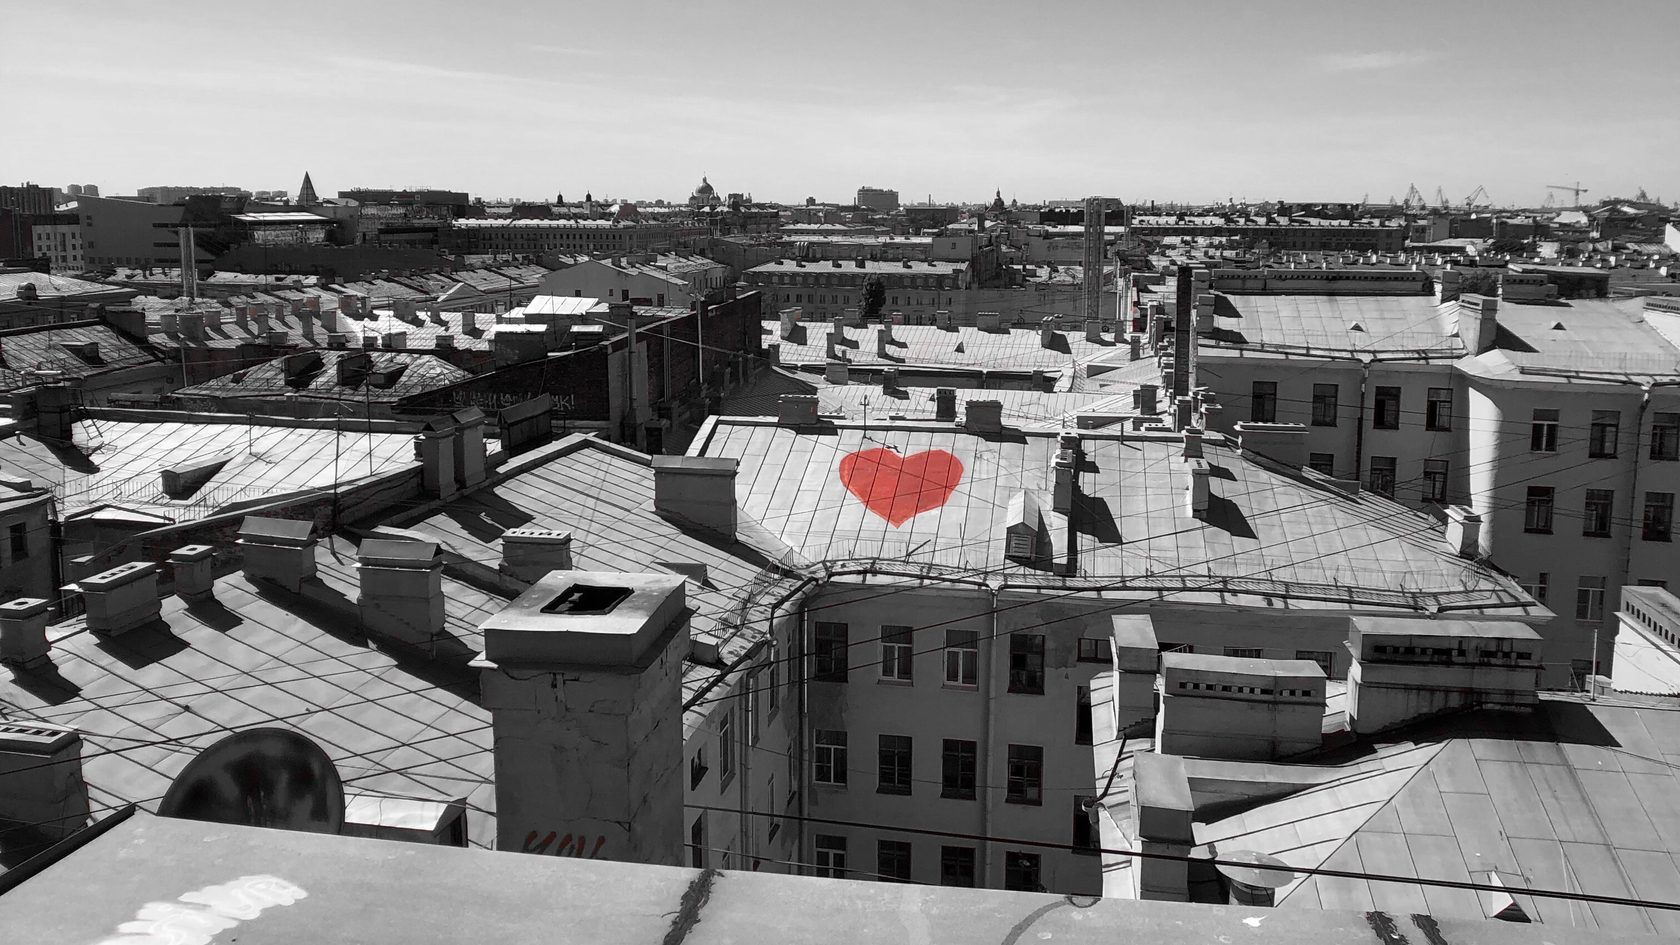 Нетривиальный Петербург: по крышам, дворам-колодцам, паркам и каналам